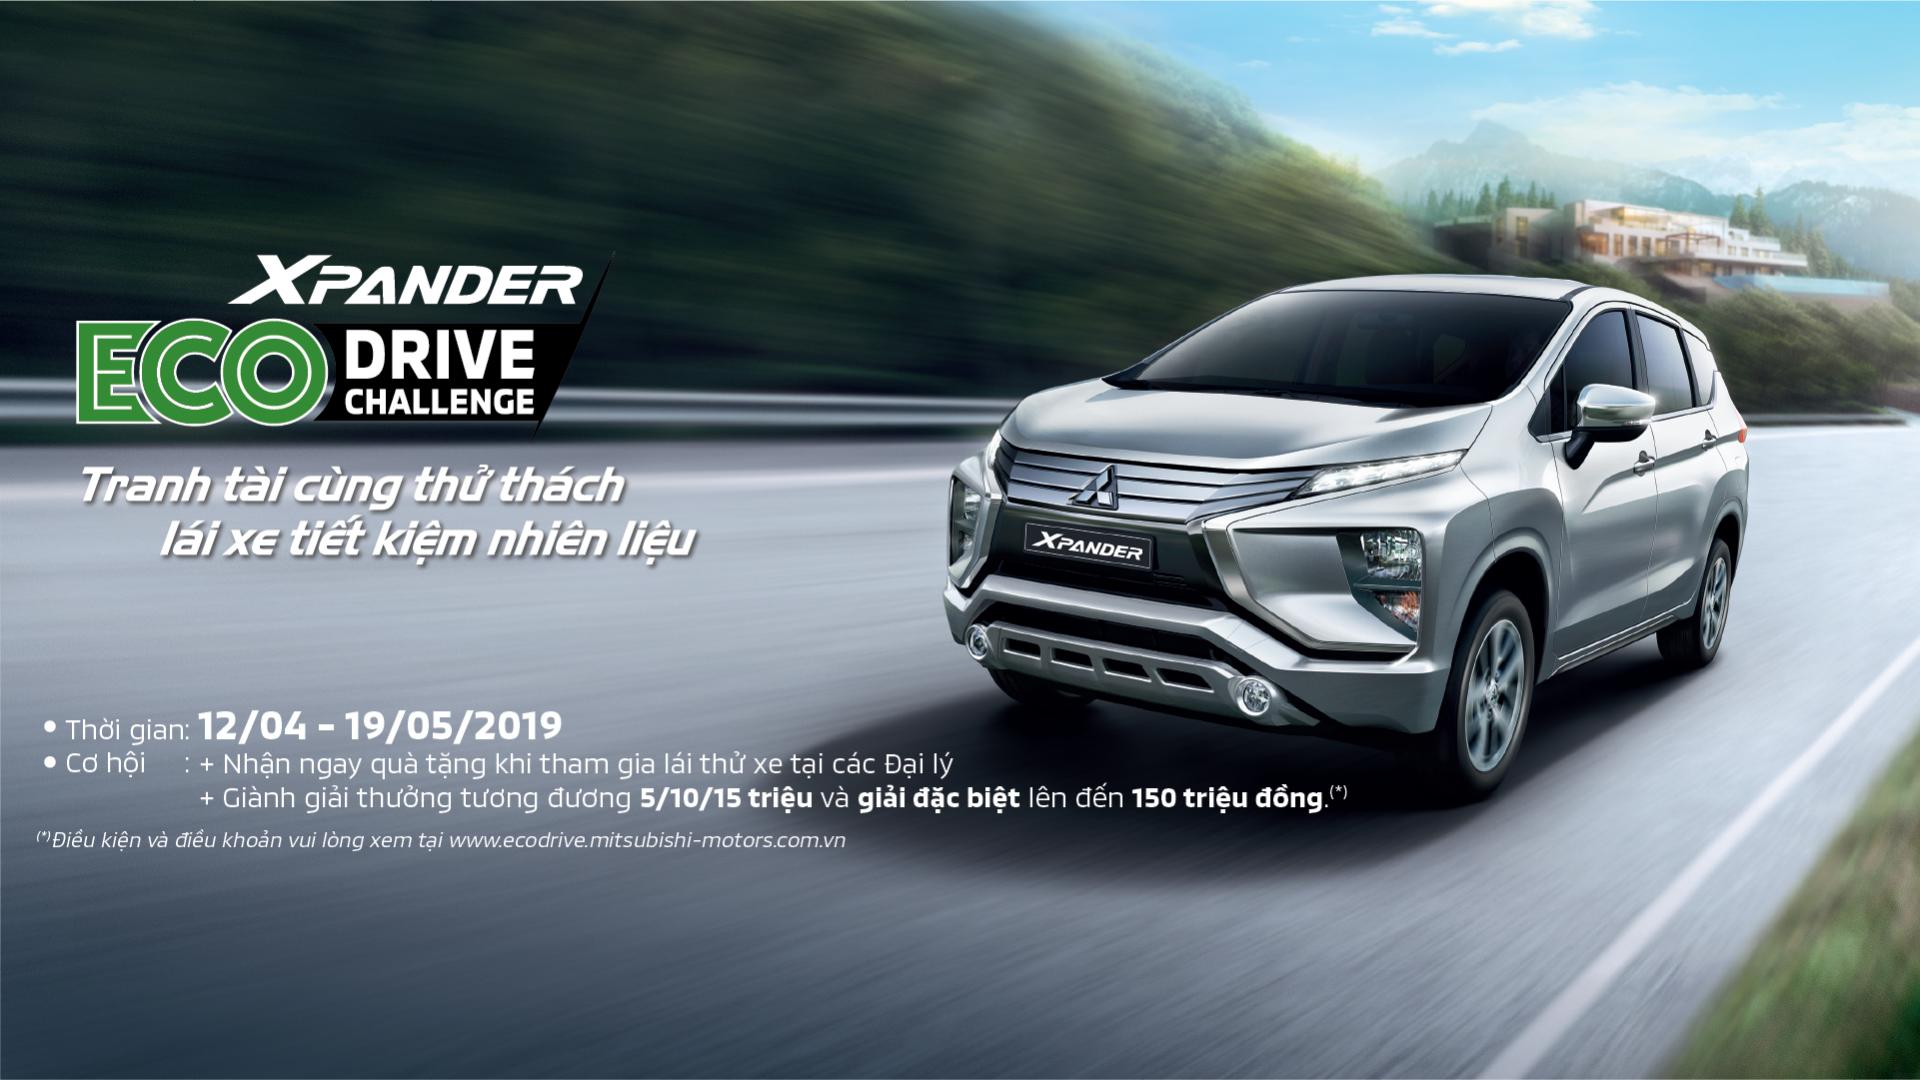 Thử thách lái xe tiết kiệm nhiên liệu – Eco Drive Challenge cùng Mitsubishi Xpander